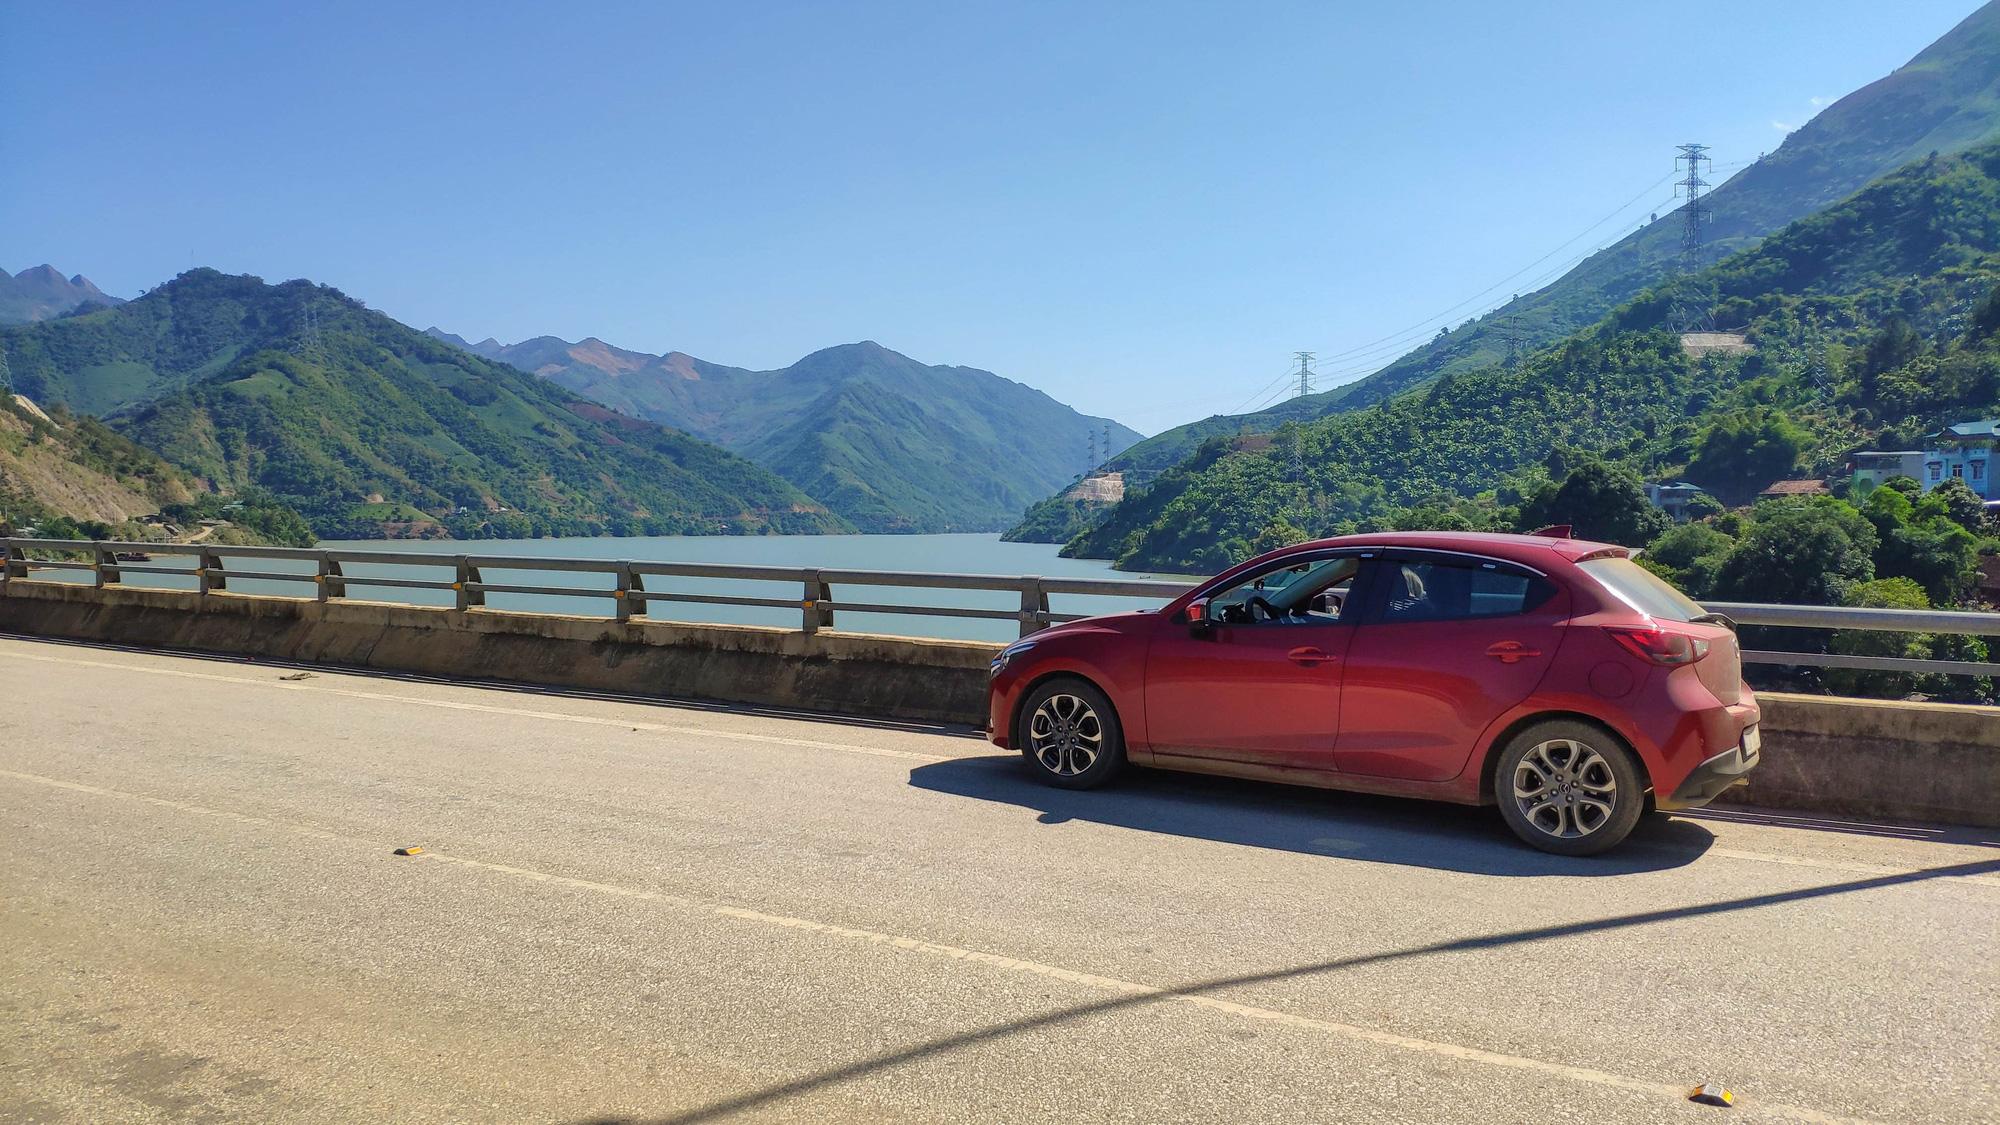 Lái Mazda 2 đi xuyên Việt, chủ xe chia sẻ ngỡ ngàng - Ảnh 4.